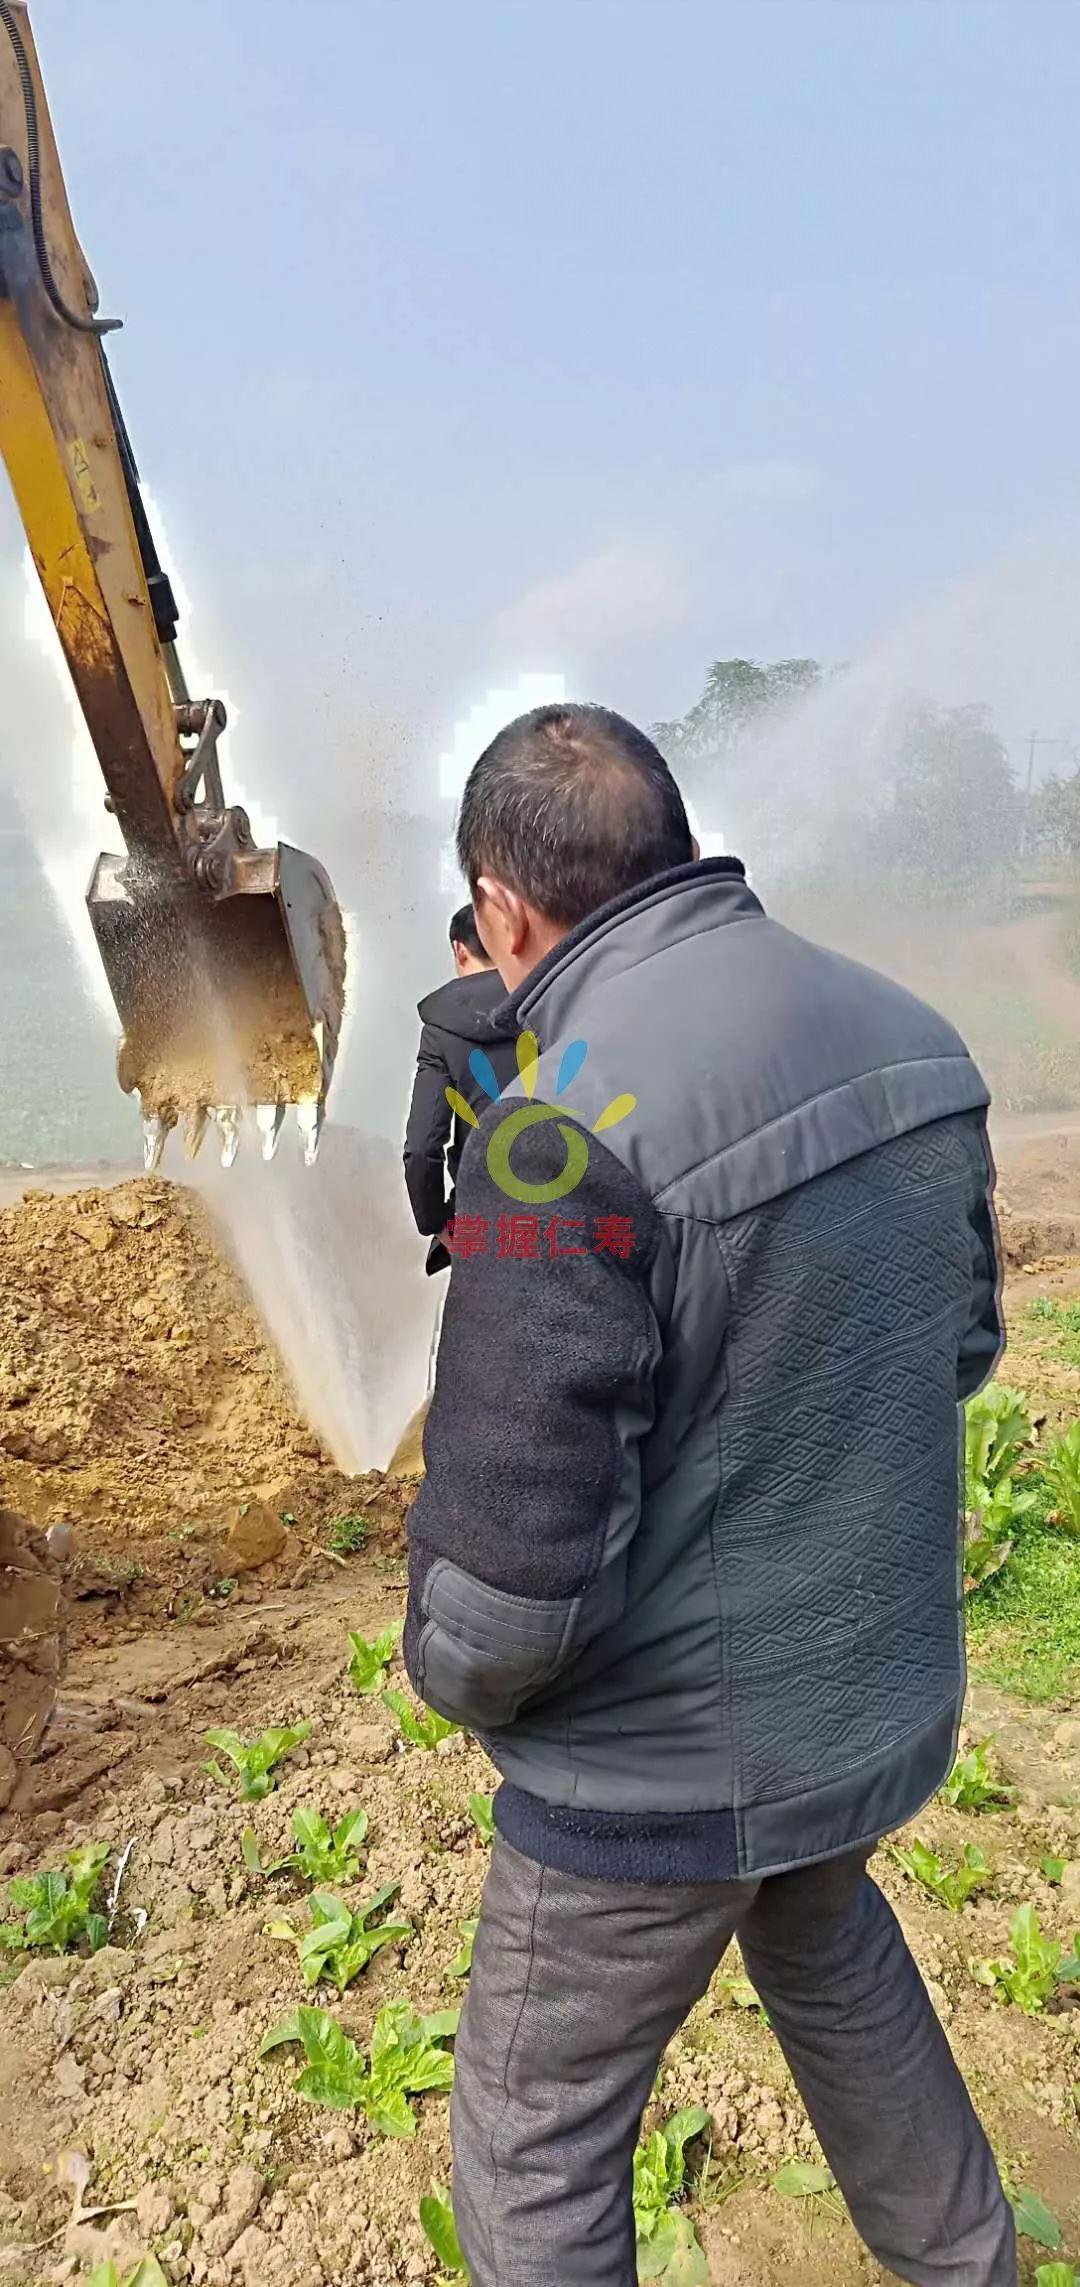 禄加镇这里挖水沟,结果把天然气和自来水管道都挖爆了,停气又停水……